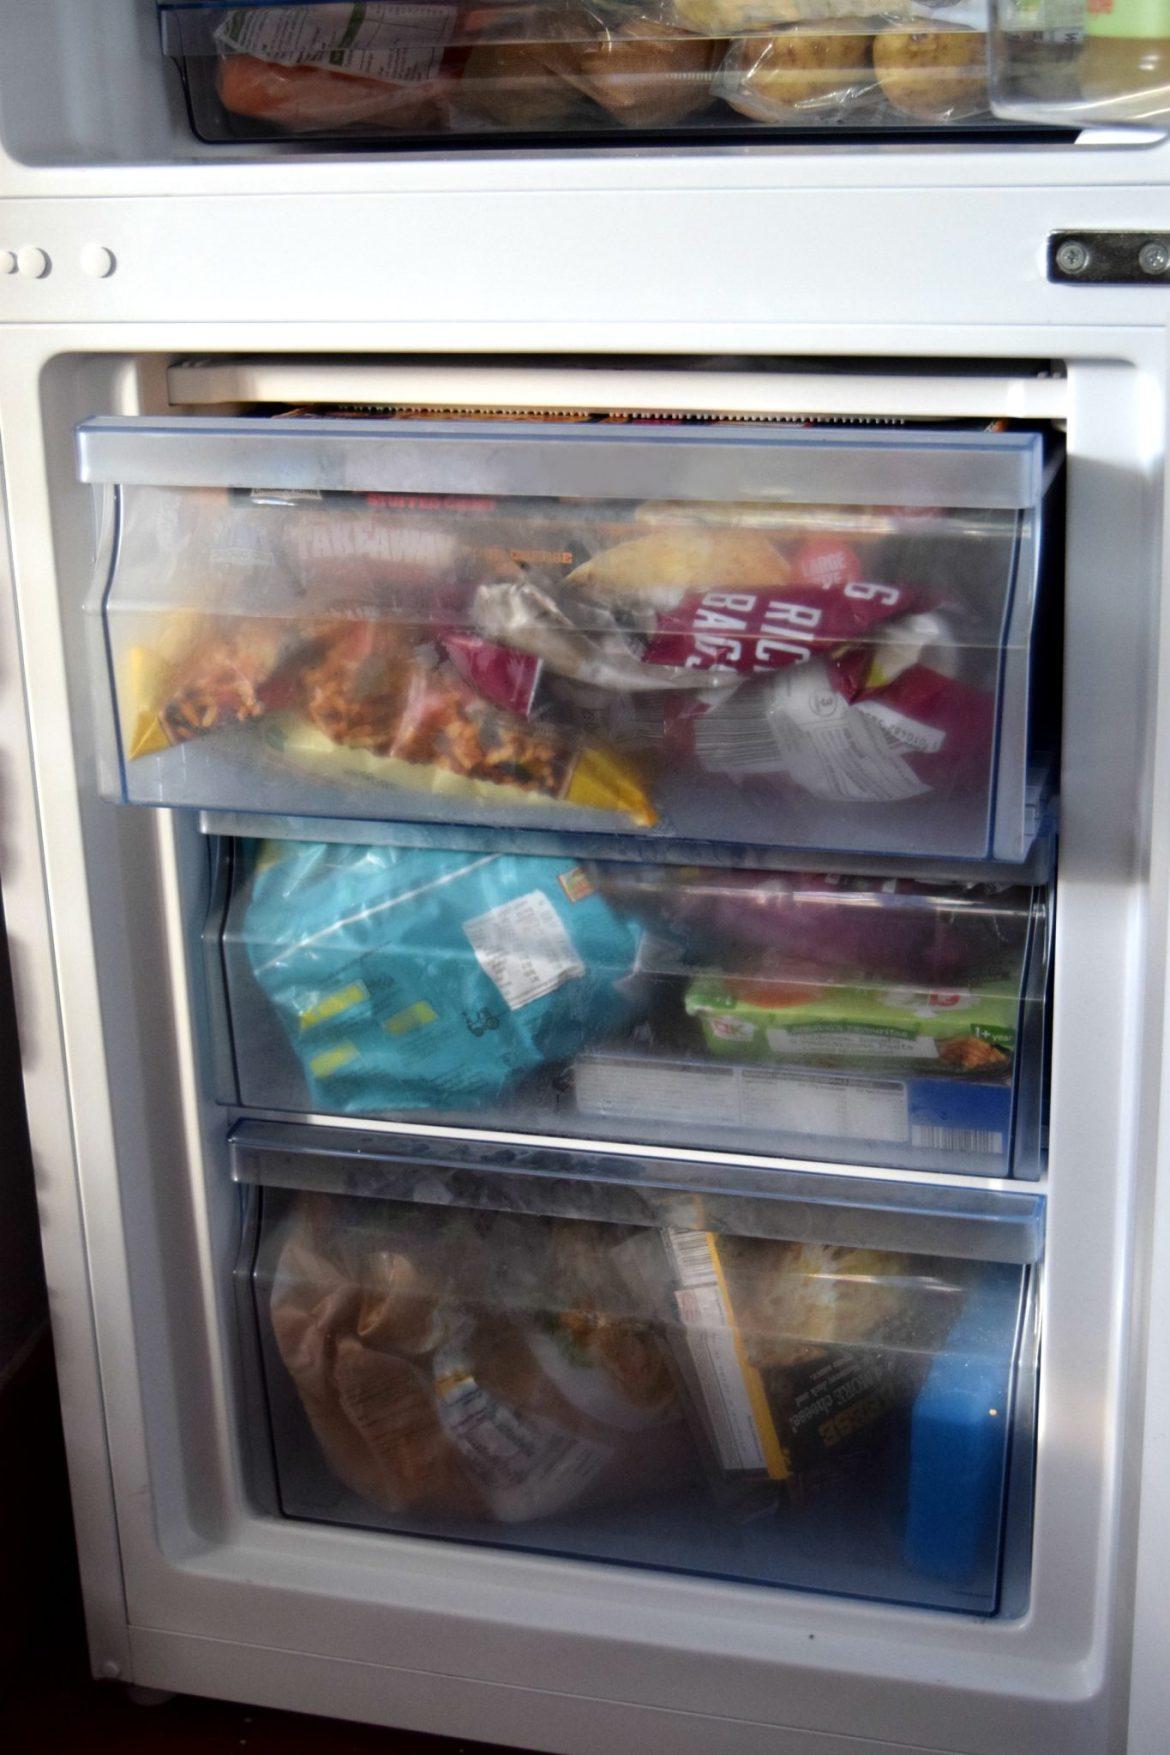 Fridgemaster MC5526470/30 Freezer drawers